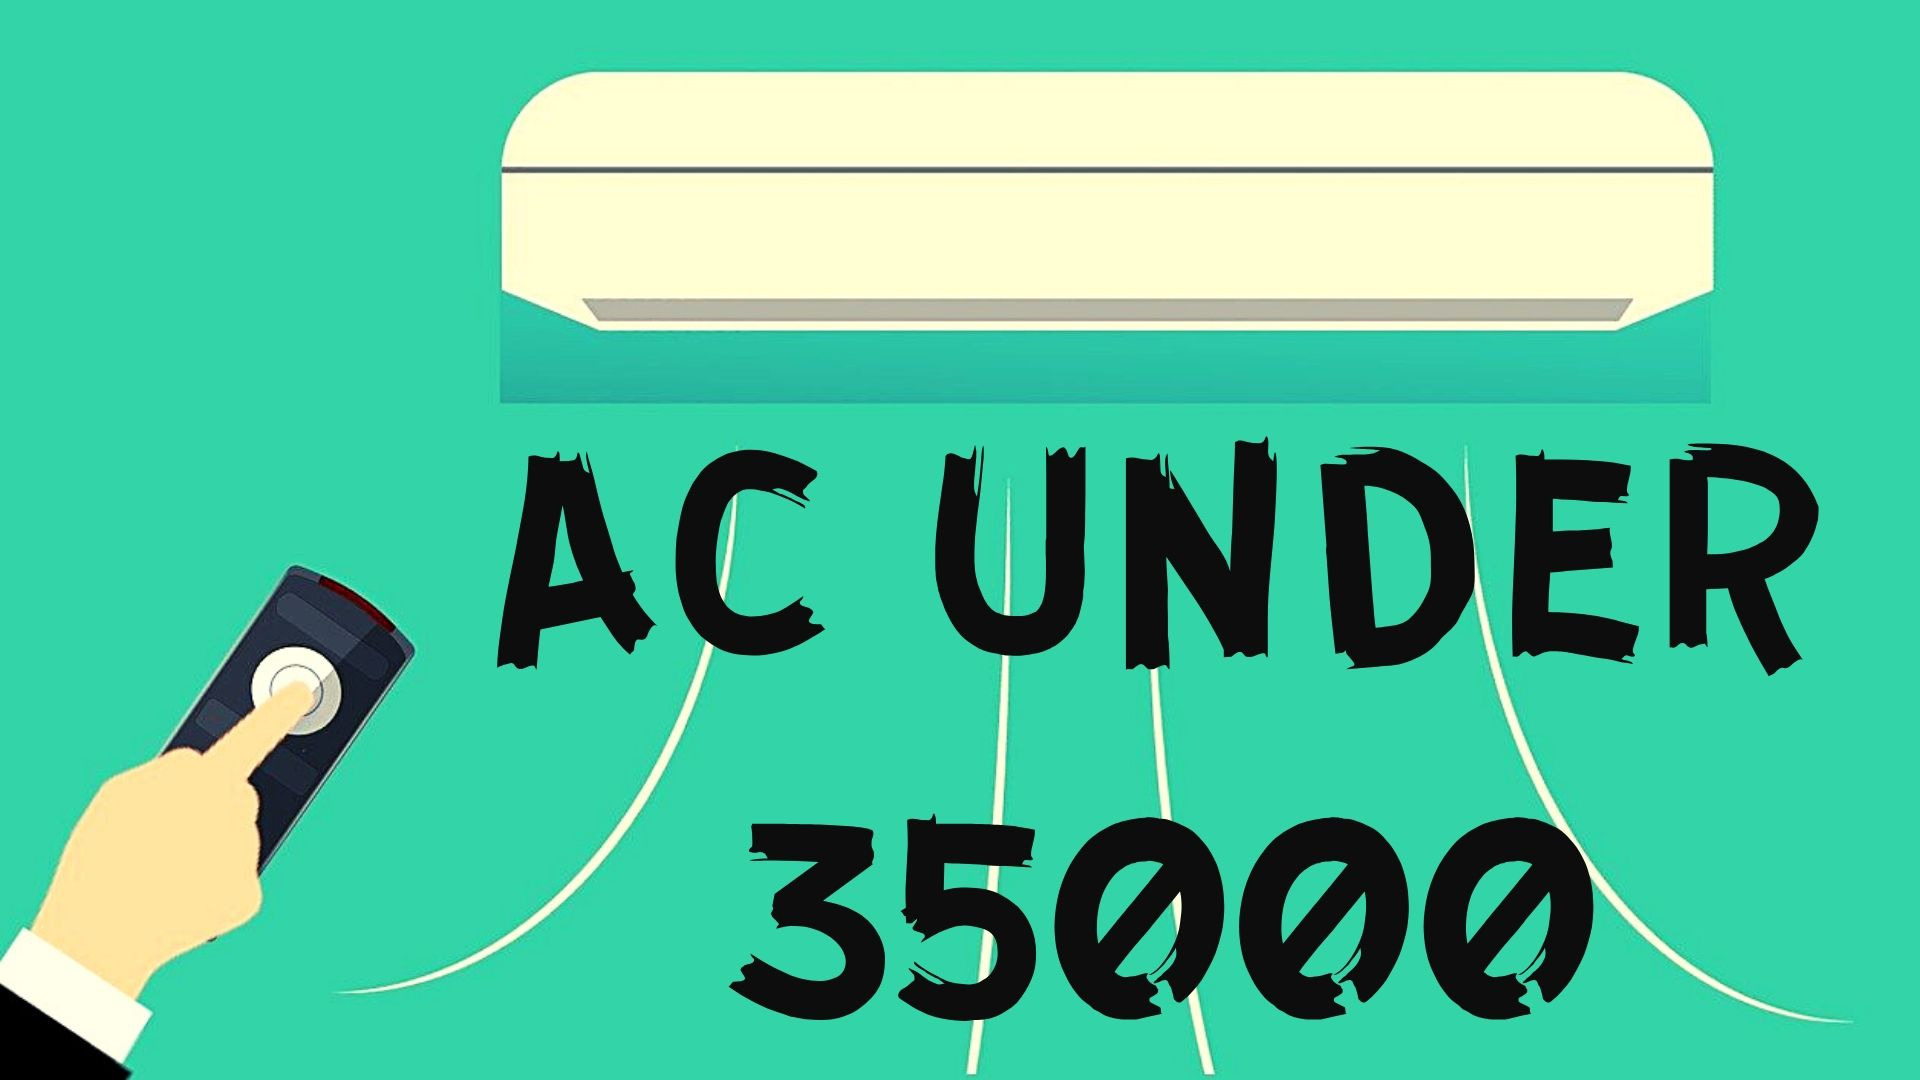 best ac under 35000